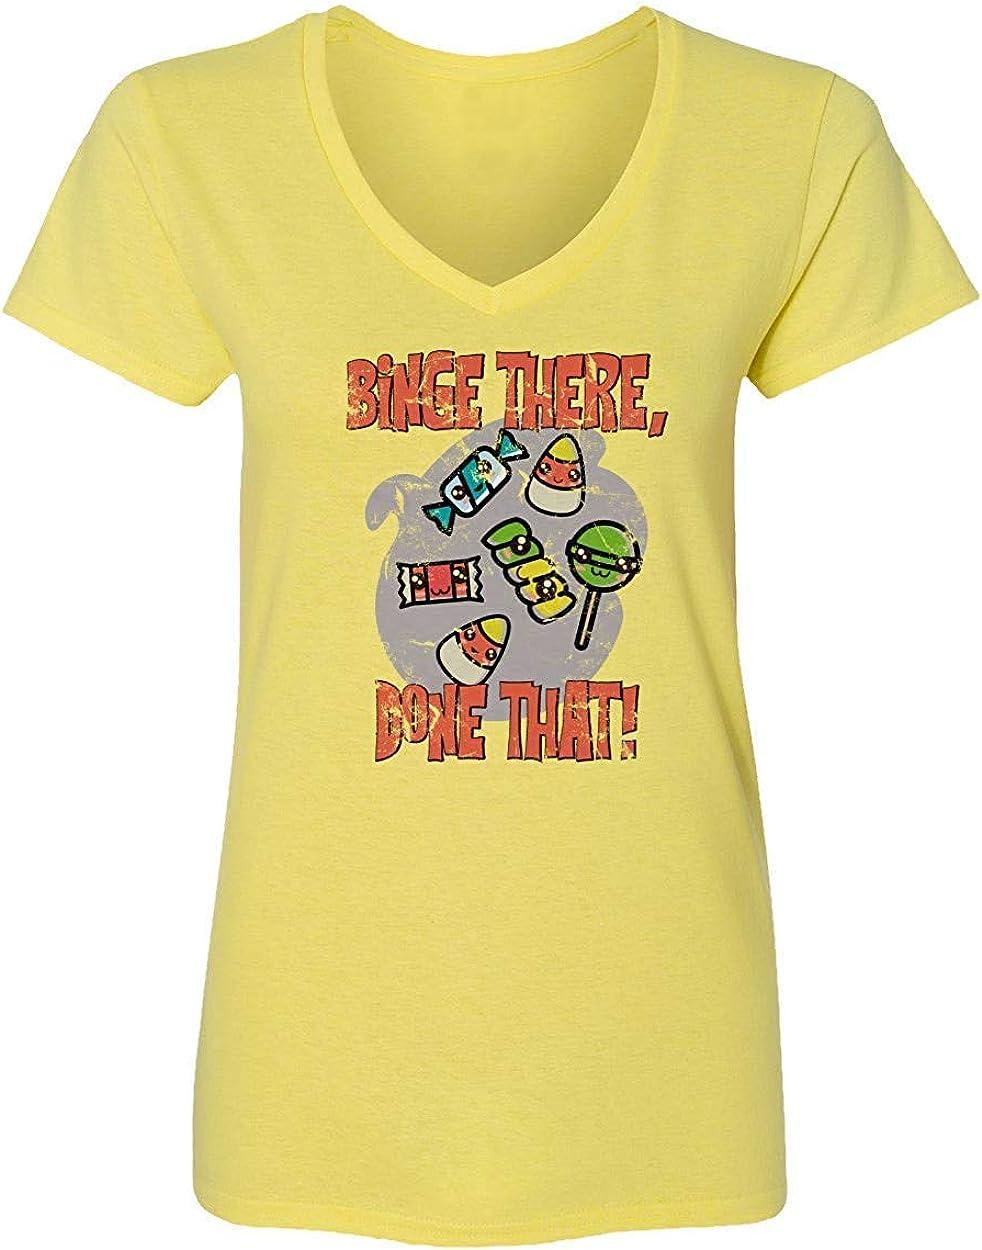 Nueva Camisa de la Novedad Que Trata la Camisa del Caramelo Que Estudia la Camiseta Vneck Divertida de Halloween del Estudio, L: Amazon.es: Ropa y accesorios